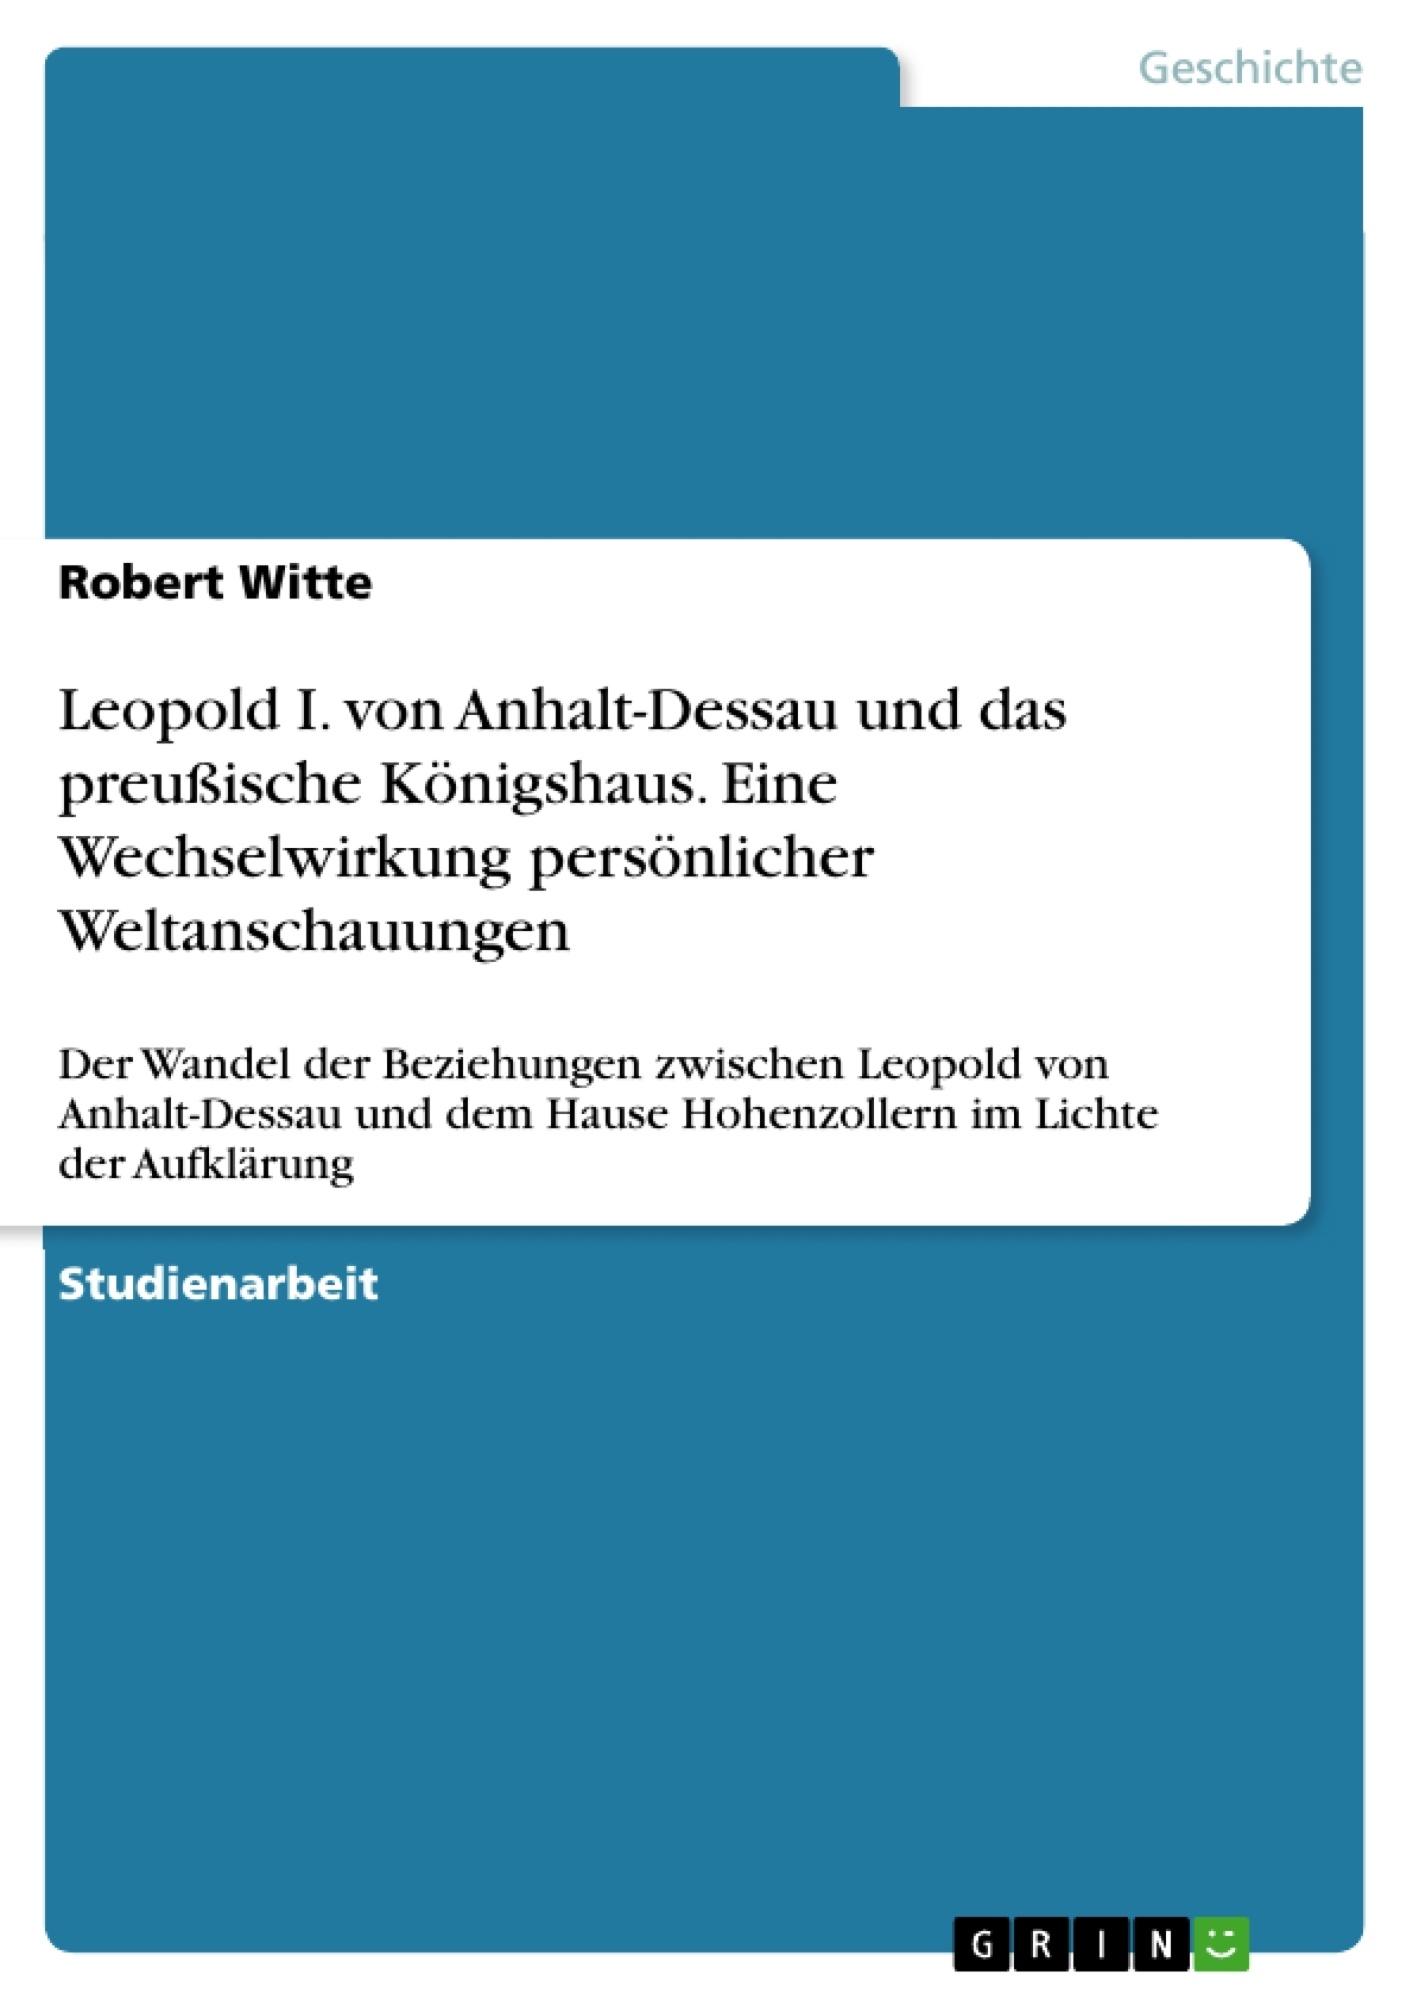 Titel: Leopold I. von Anhalt-Dessau und das preußische Königshaus. Eine Wechselwirkung persönlicher Weltanschauungen